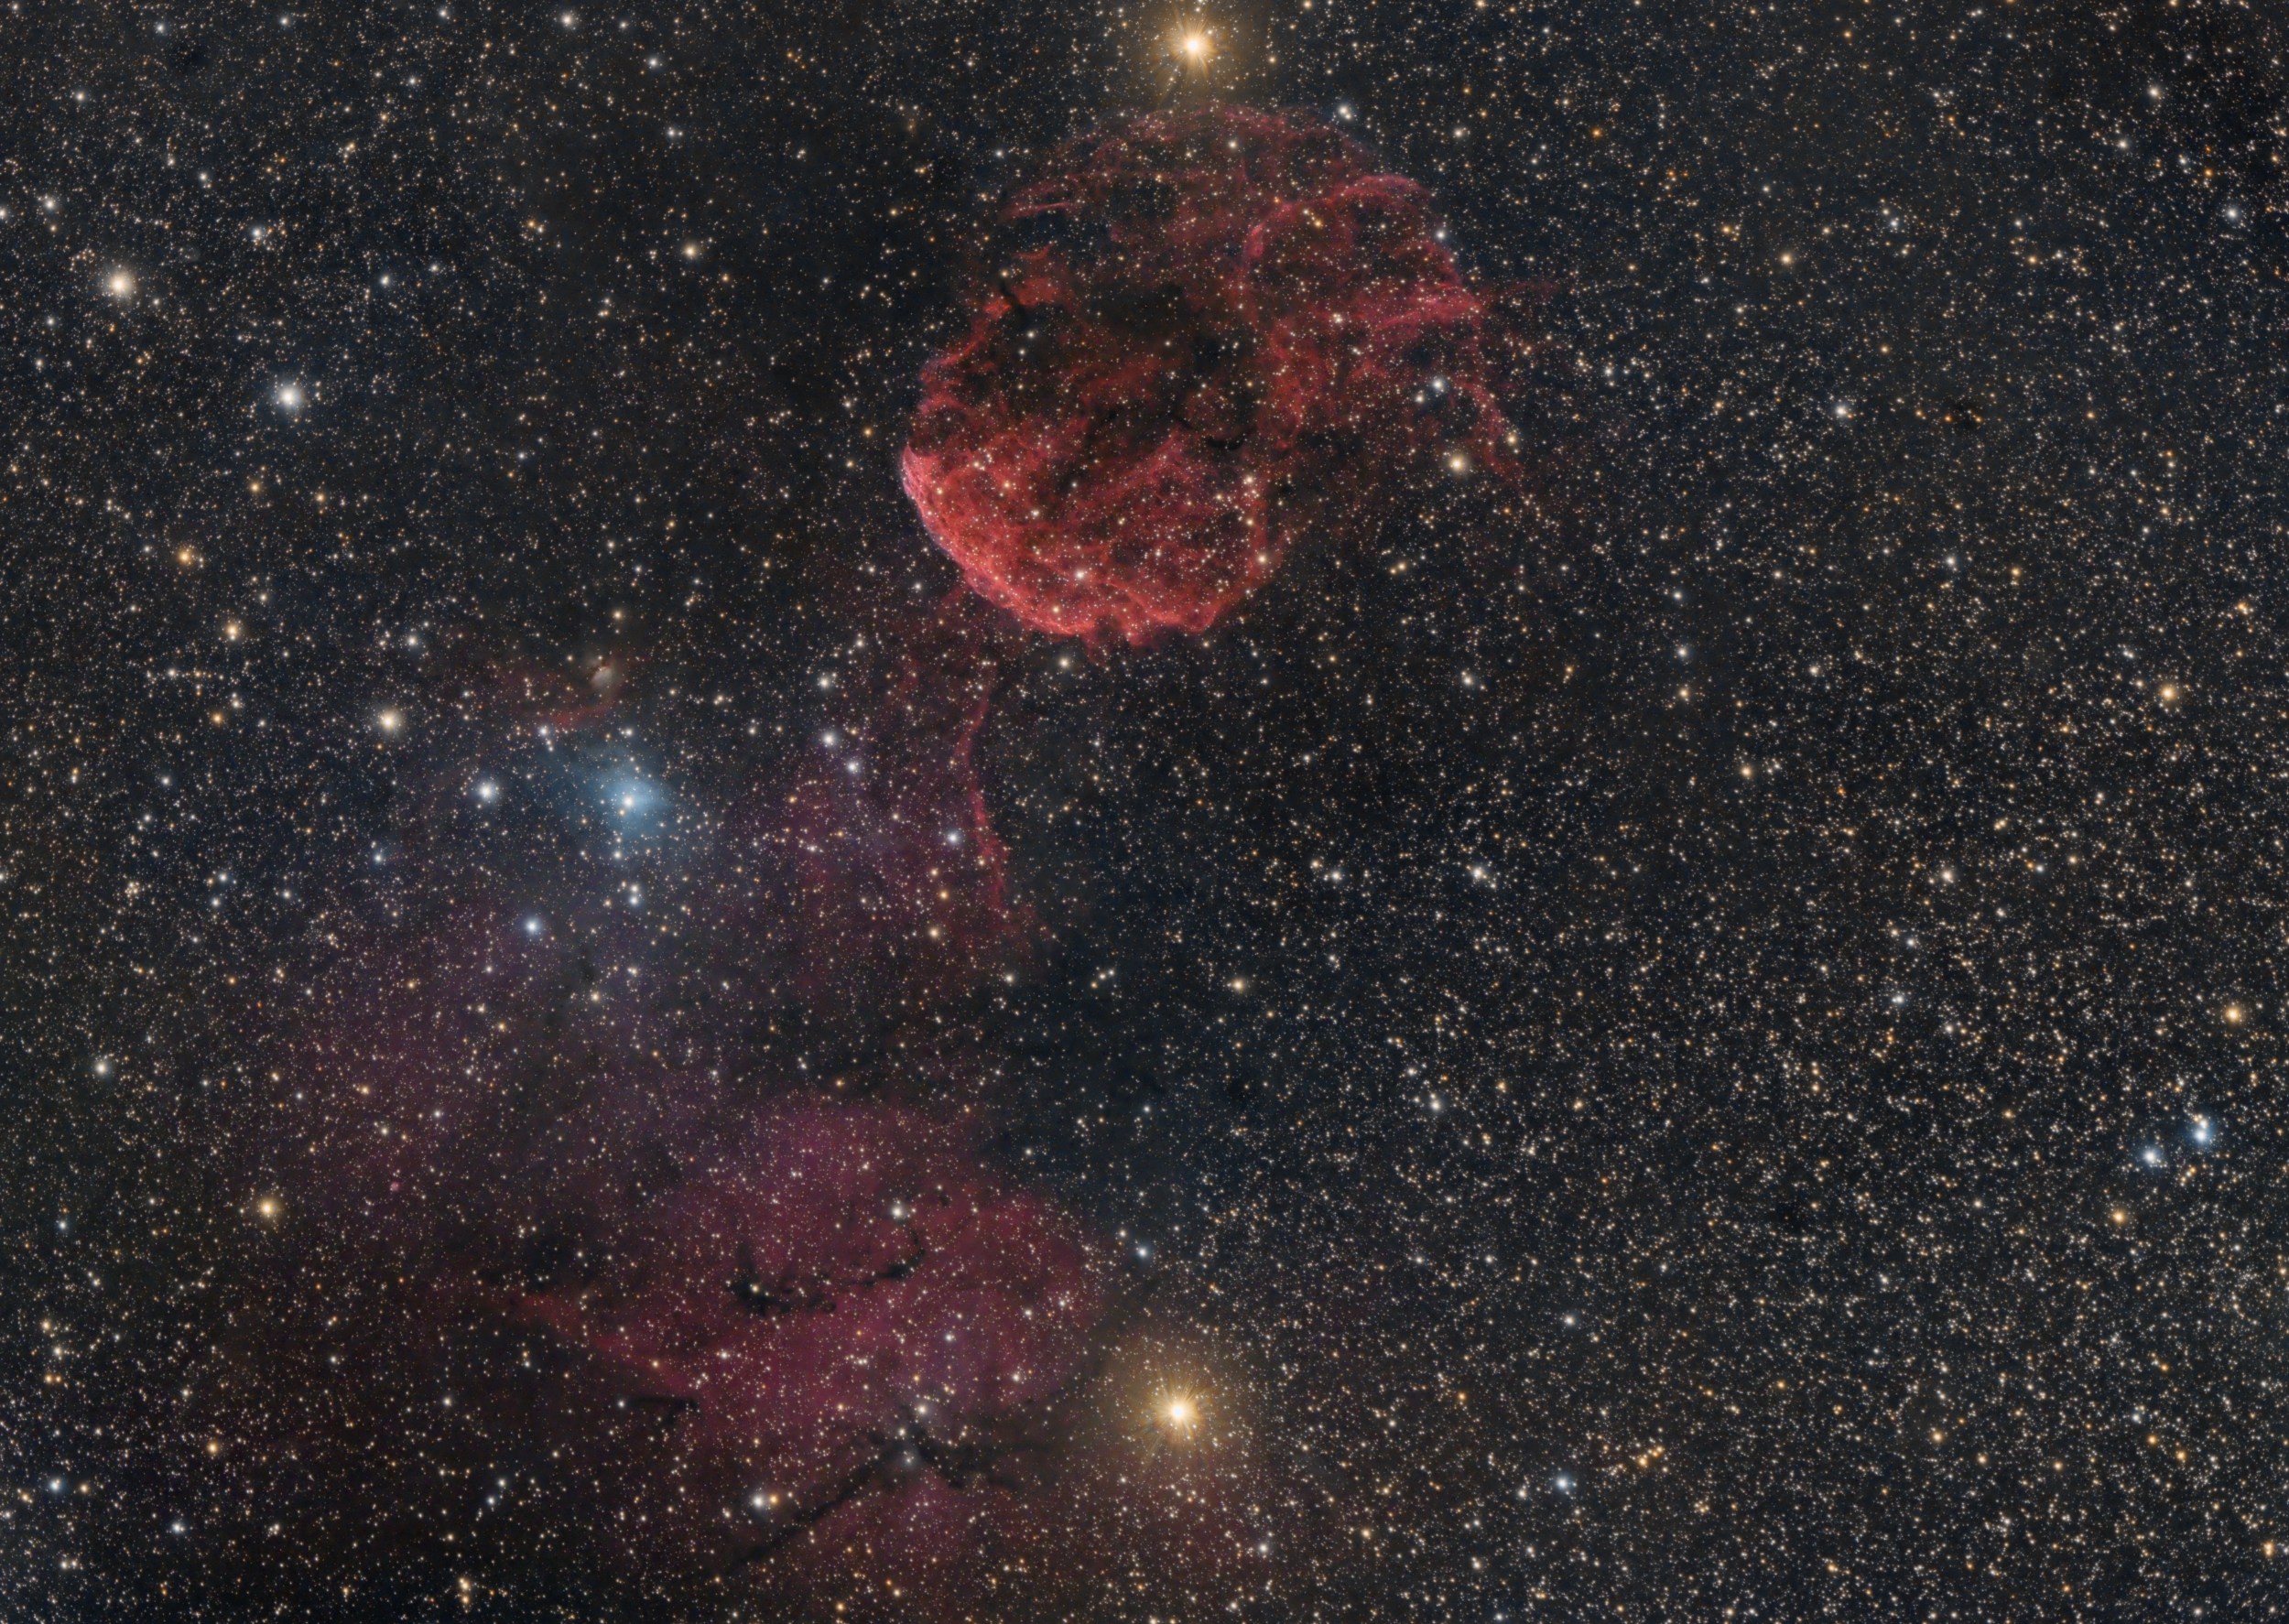 IC443_444_Nebula